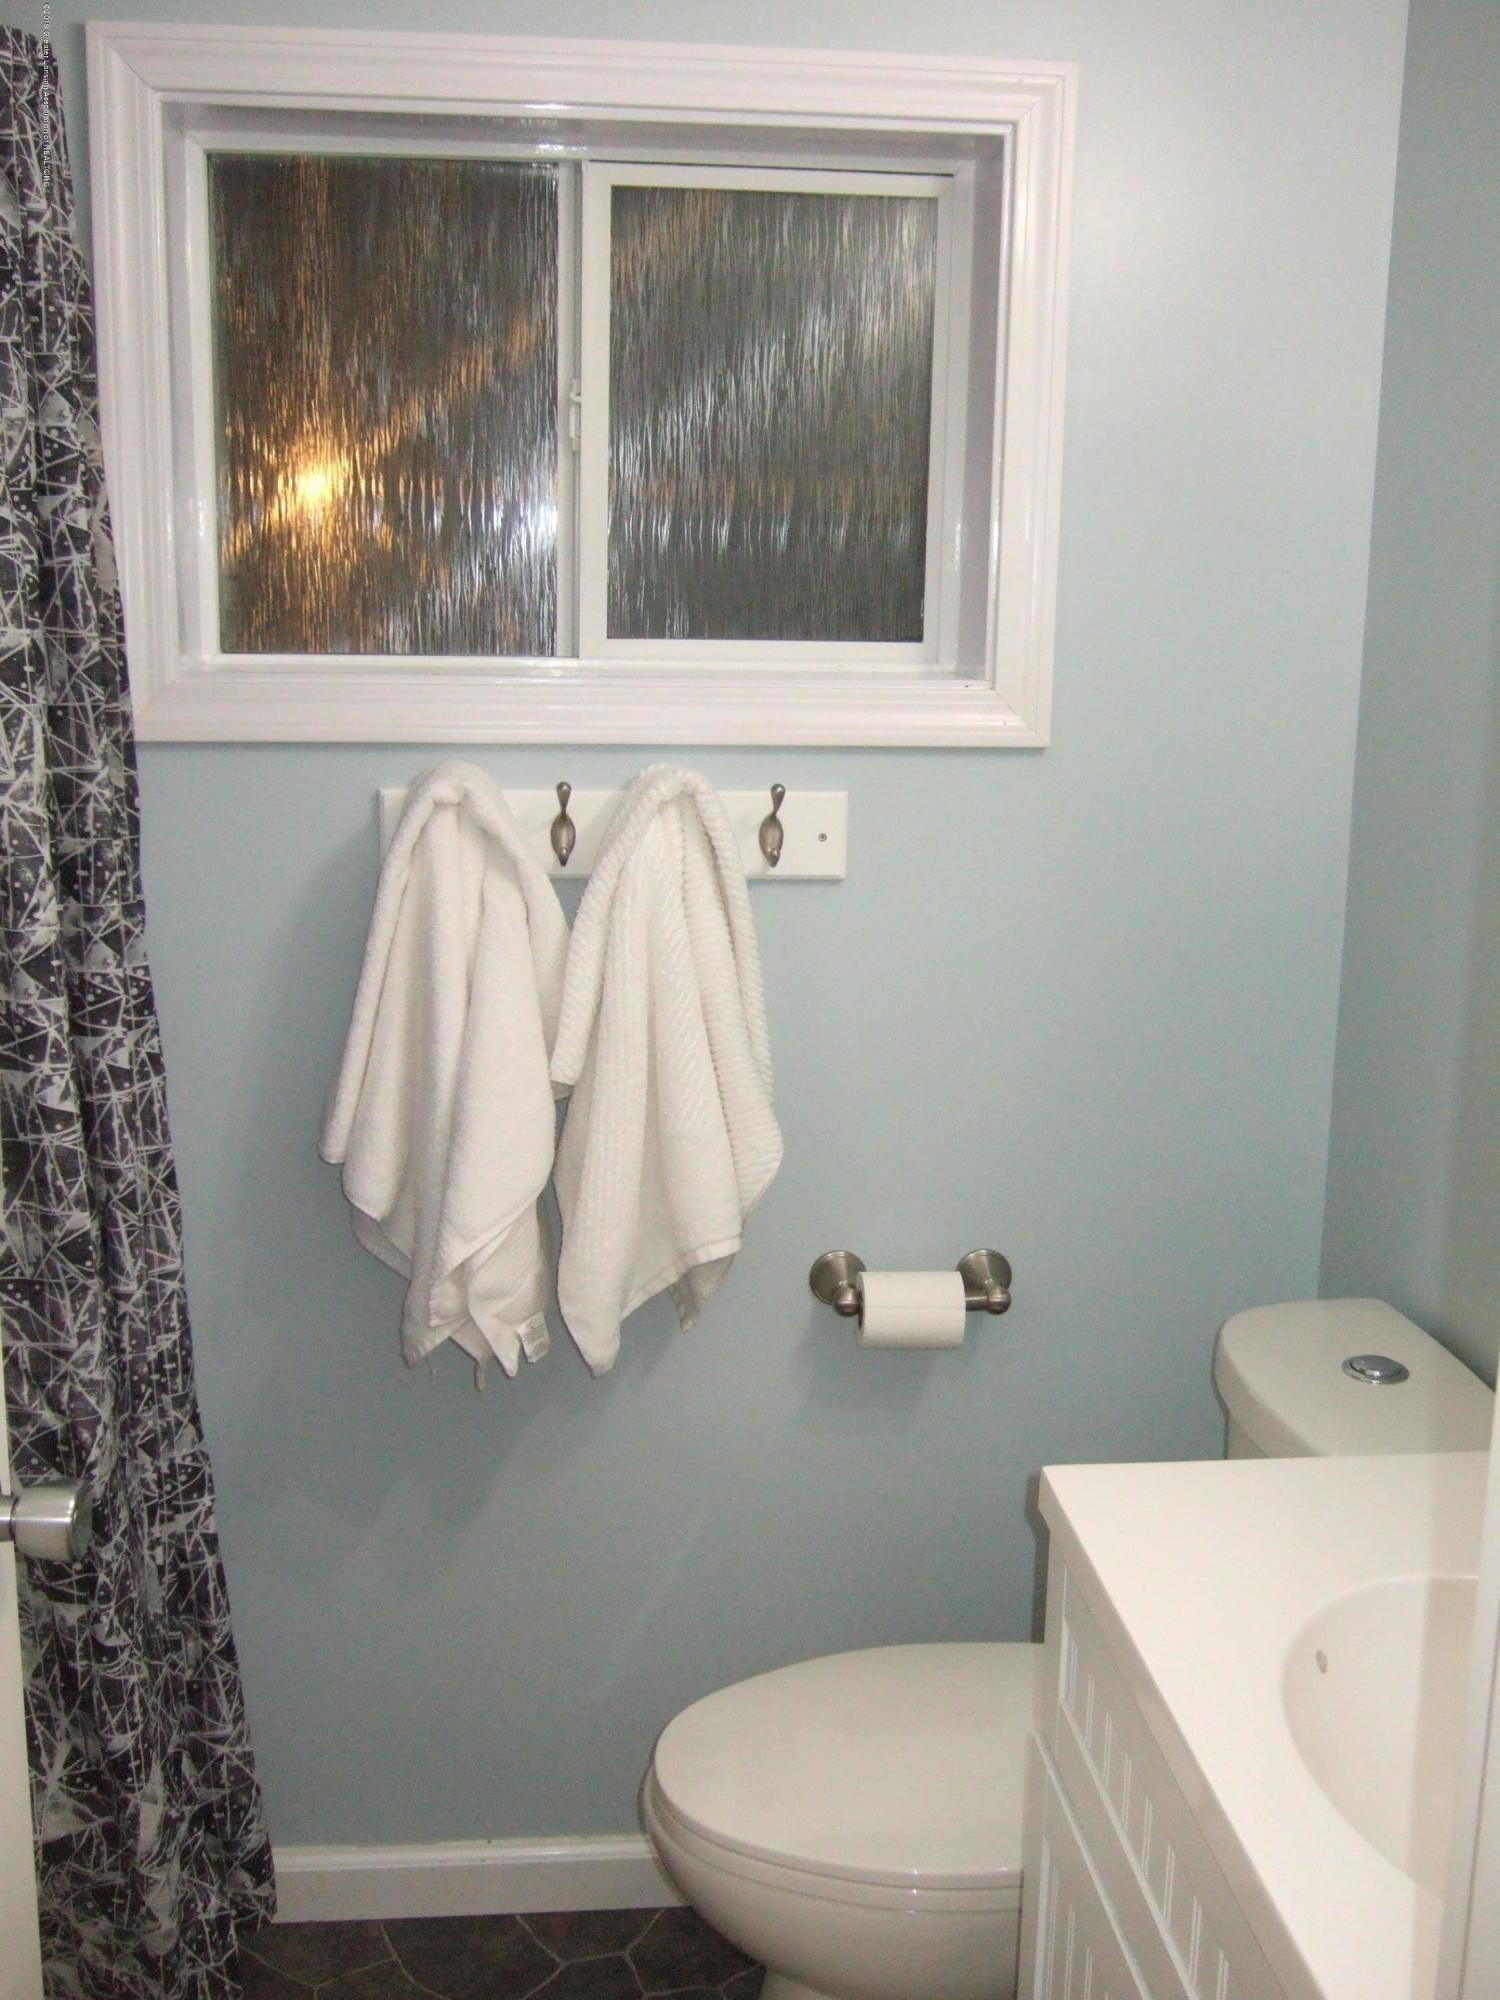 423 W Hillsdale St - 2nd Floor Full Bath - 29